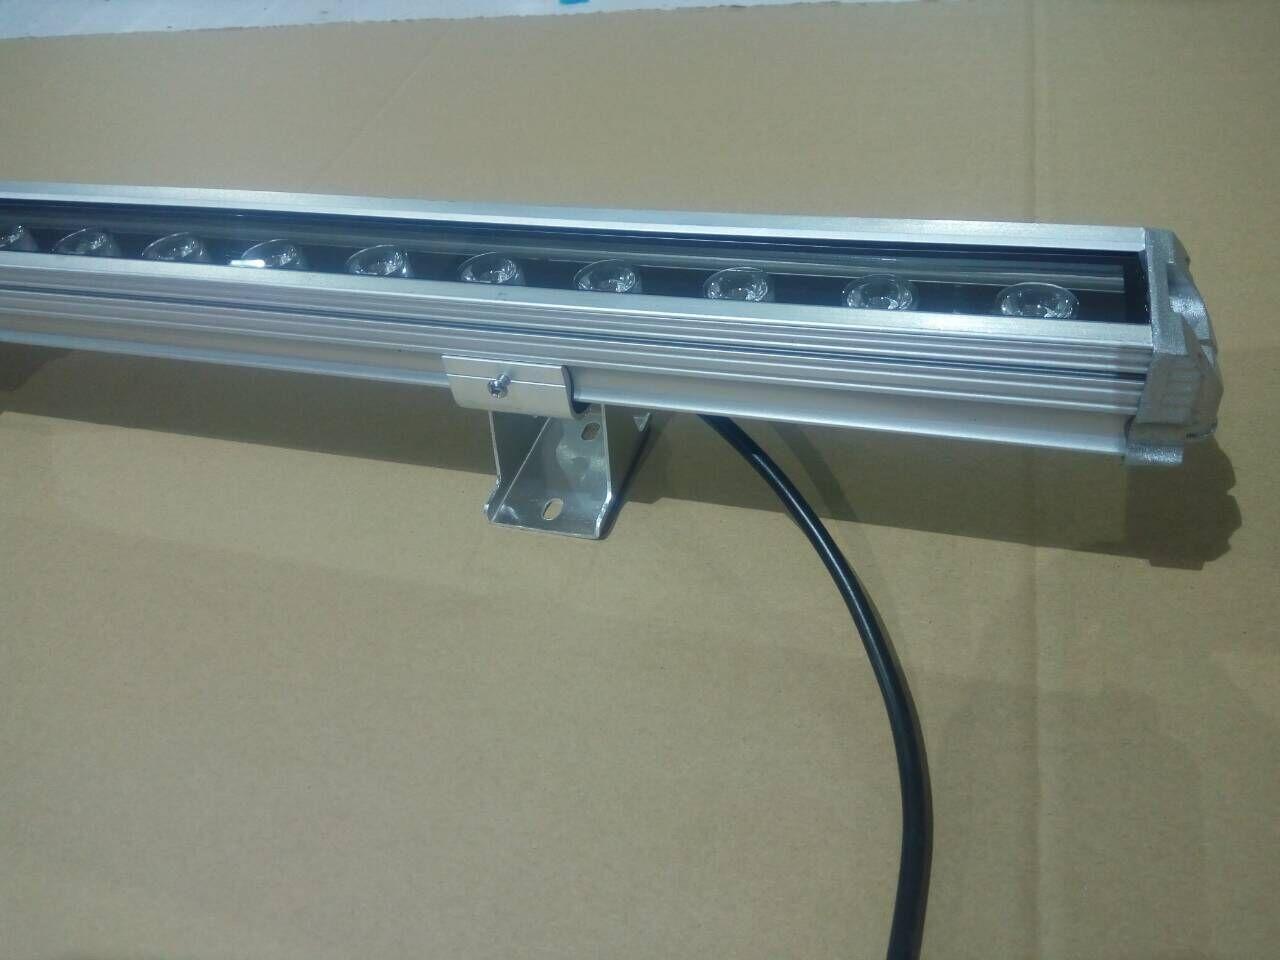 led大功率洗墙灯 七彩洗墙灯 高亮足瓦LED洗墙灯 18w防水洗墙灯示例图6